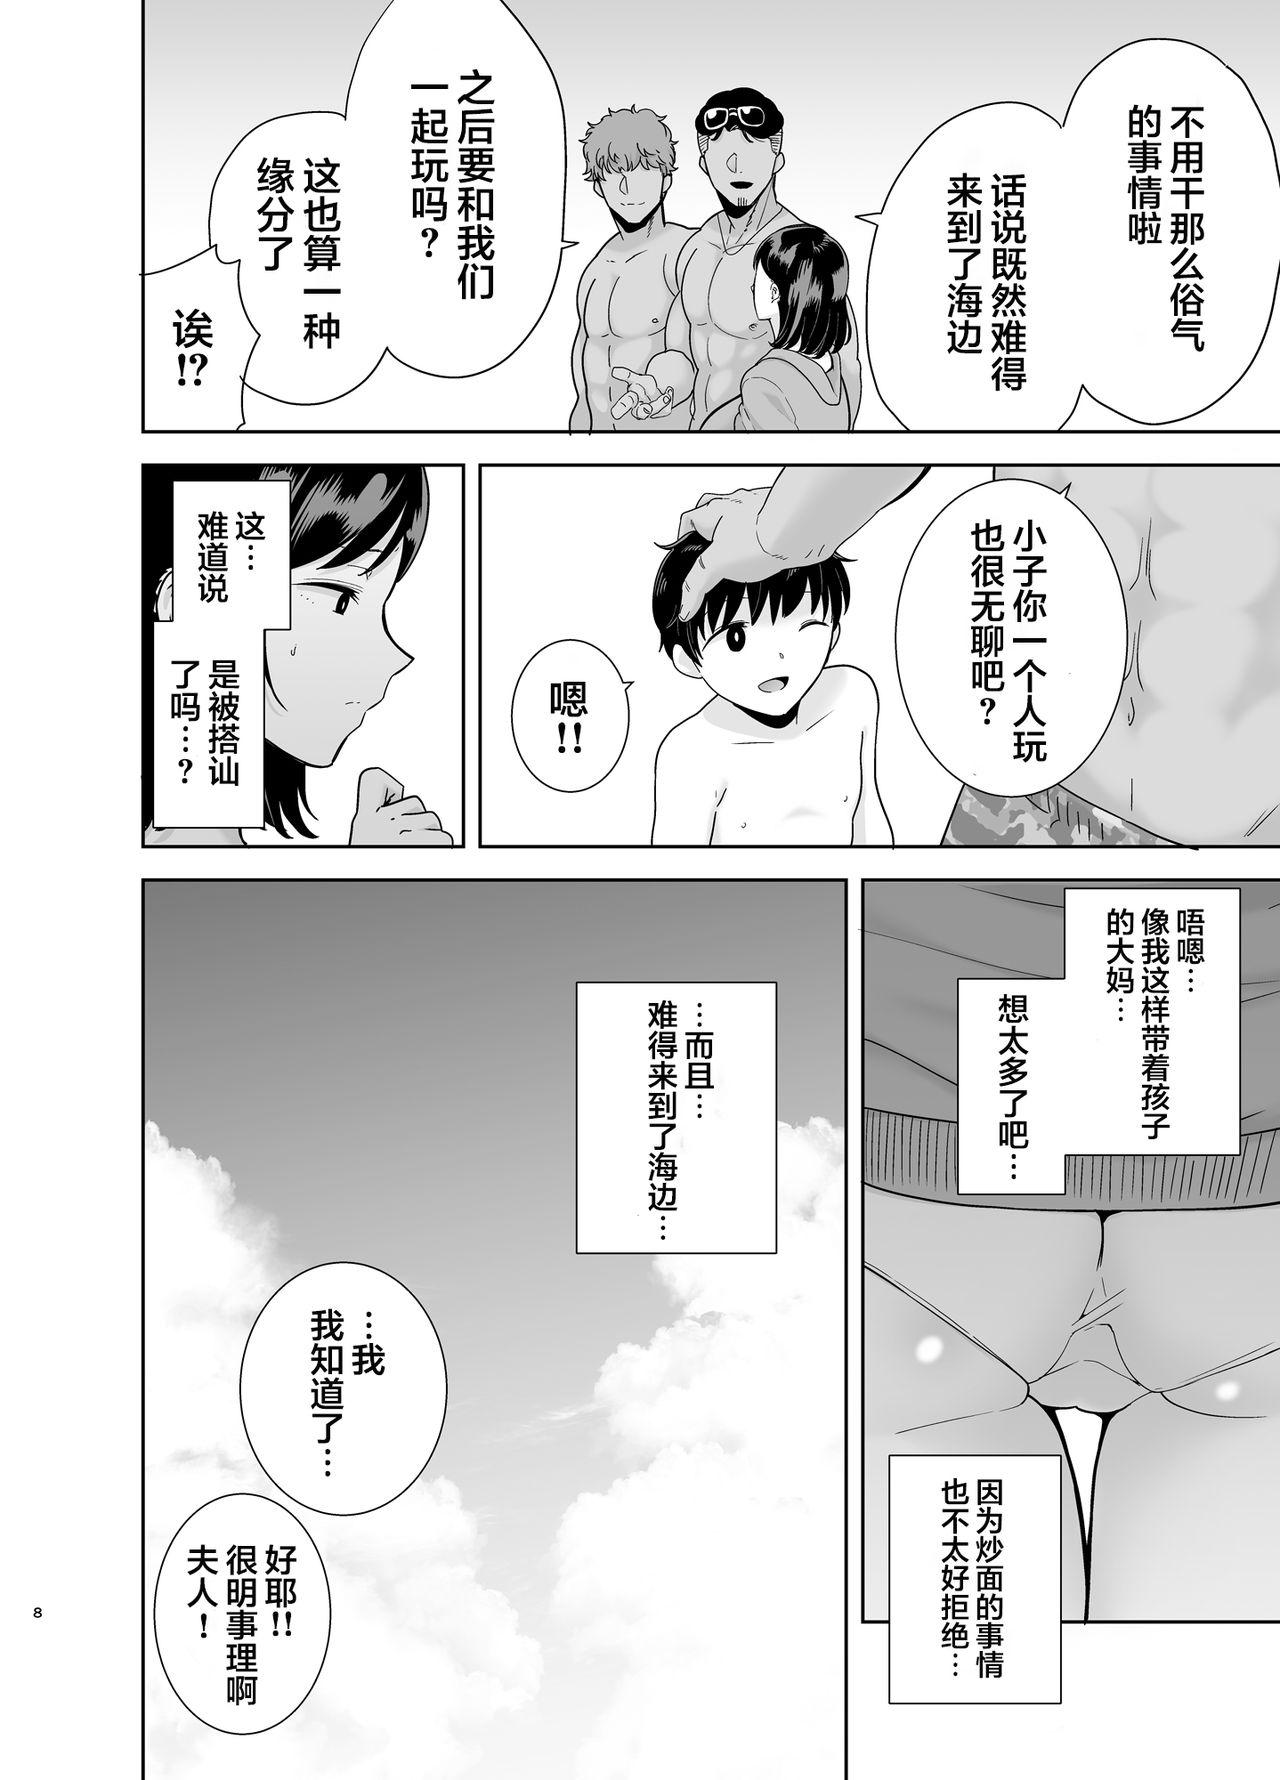 [DOLL PLAY (Kurosu Gatari)] Natsuzuma ~Natsu, Ryokan, Nanpa Otoko-tachi ni Ochita Tsuma~ Megane Nashi [Chinese] [翻车汉化组] 6